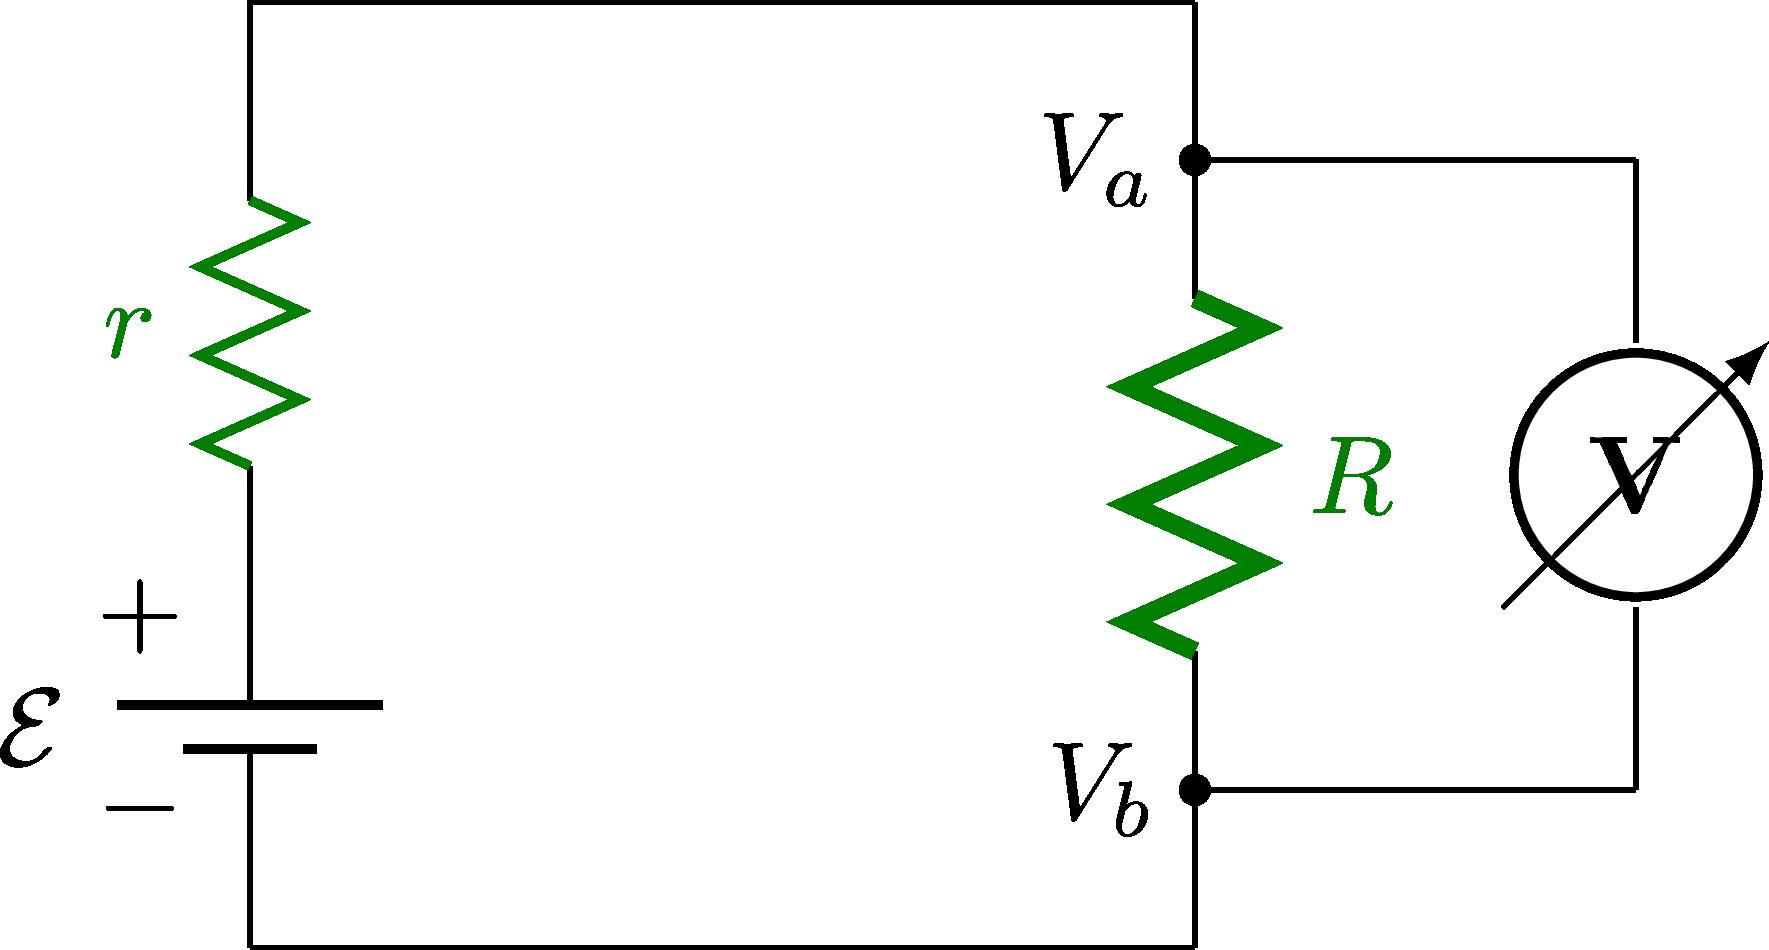 electric_circuit_resistor-005.png